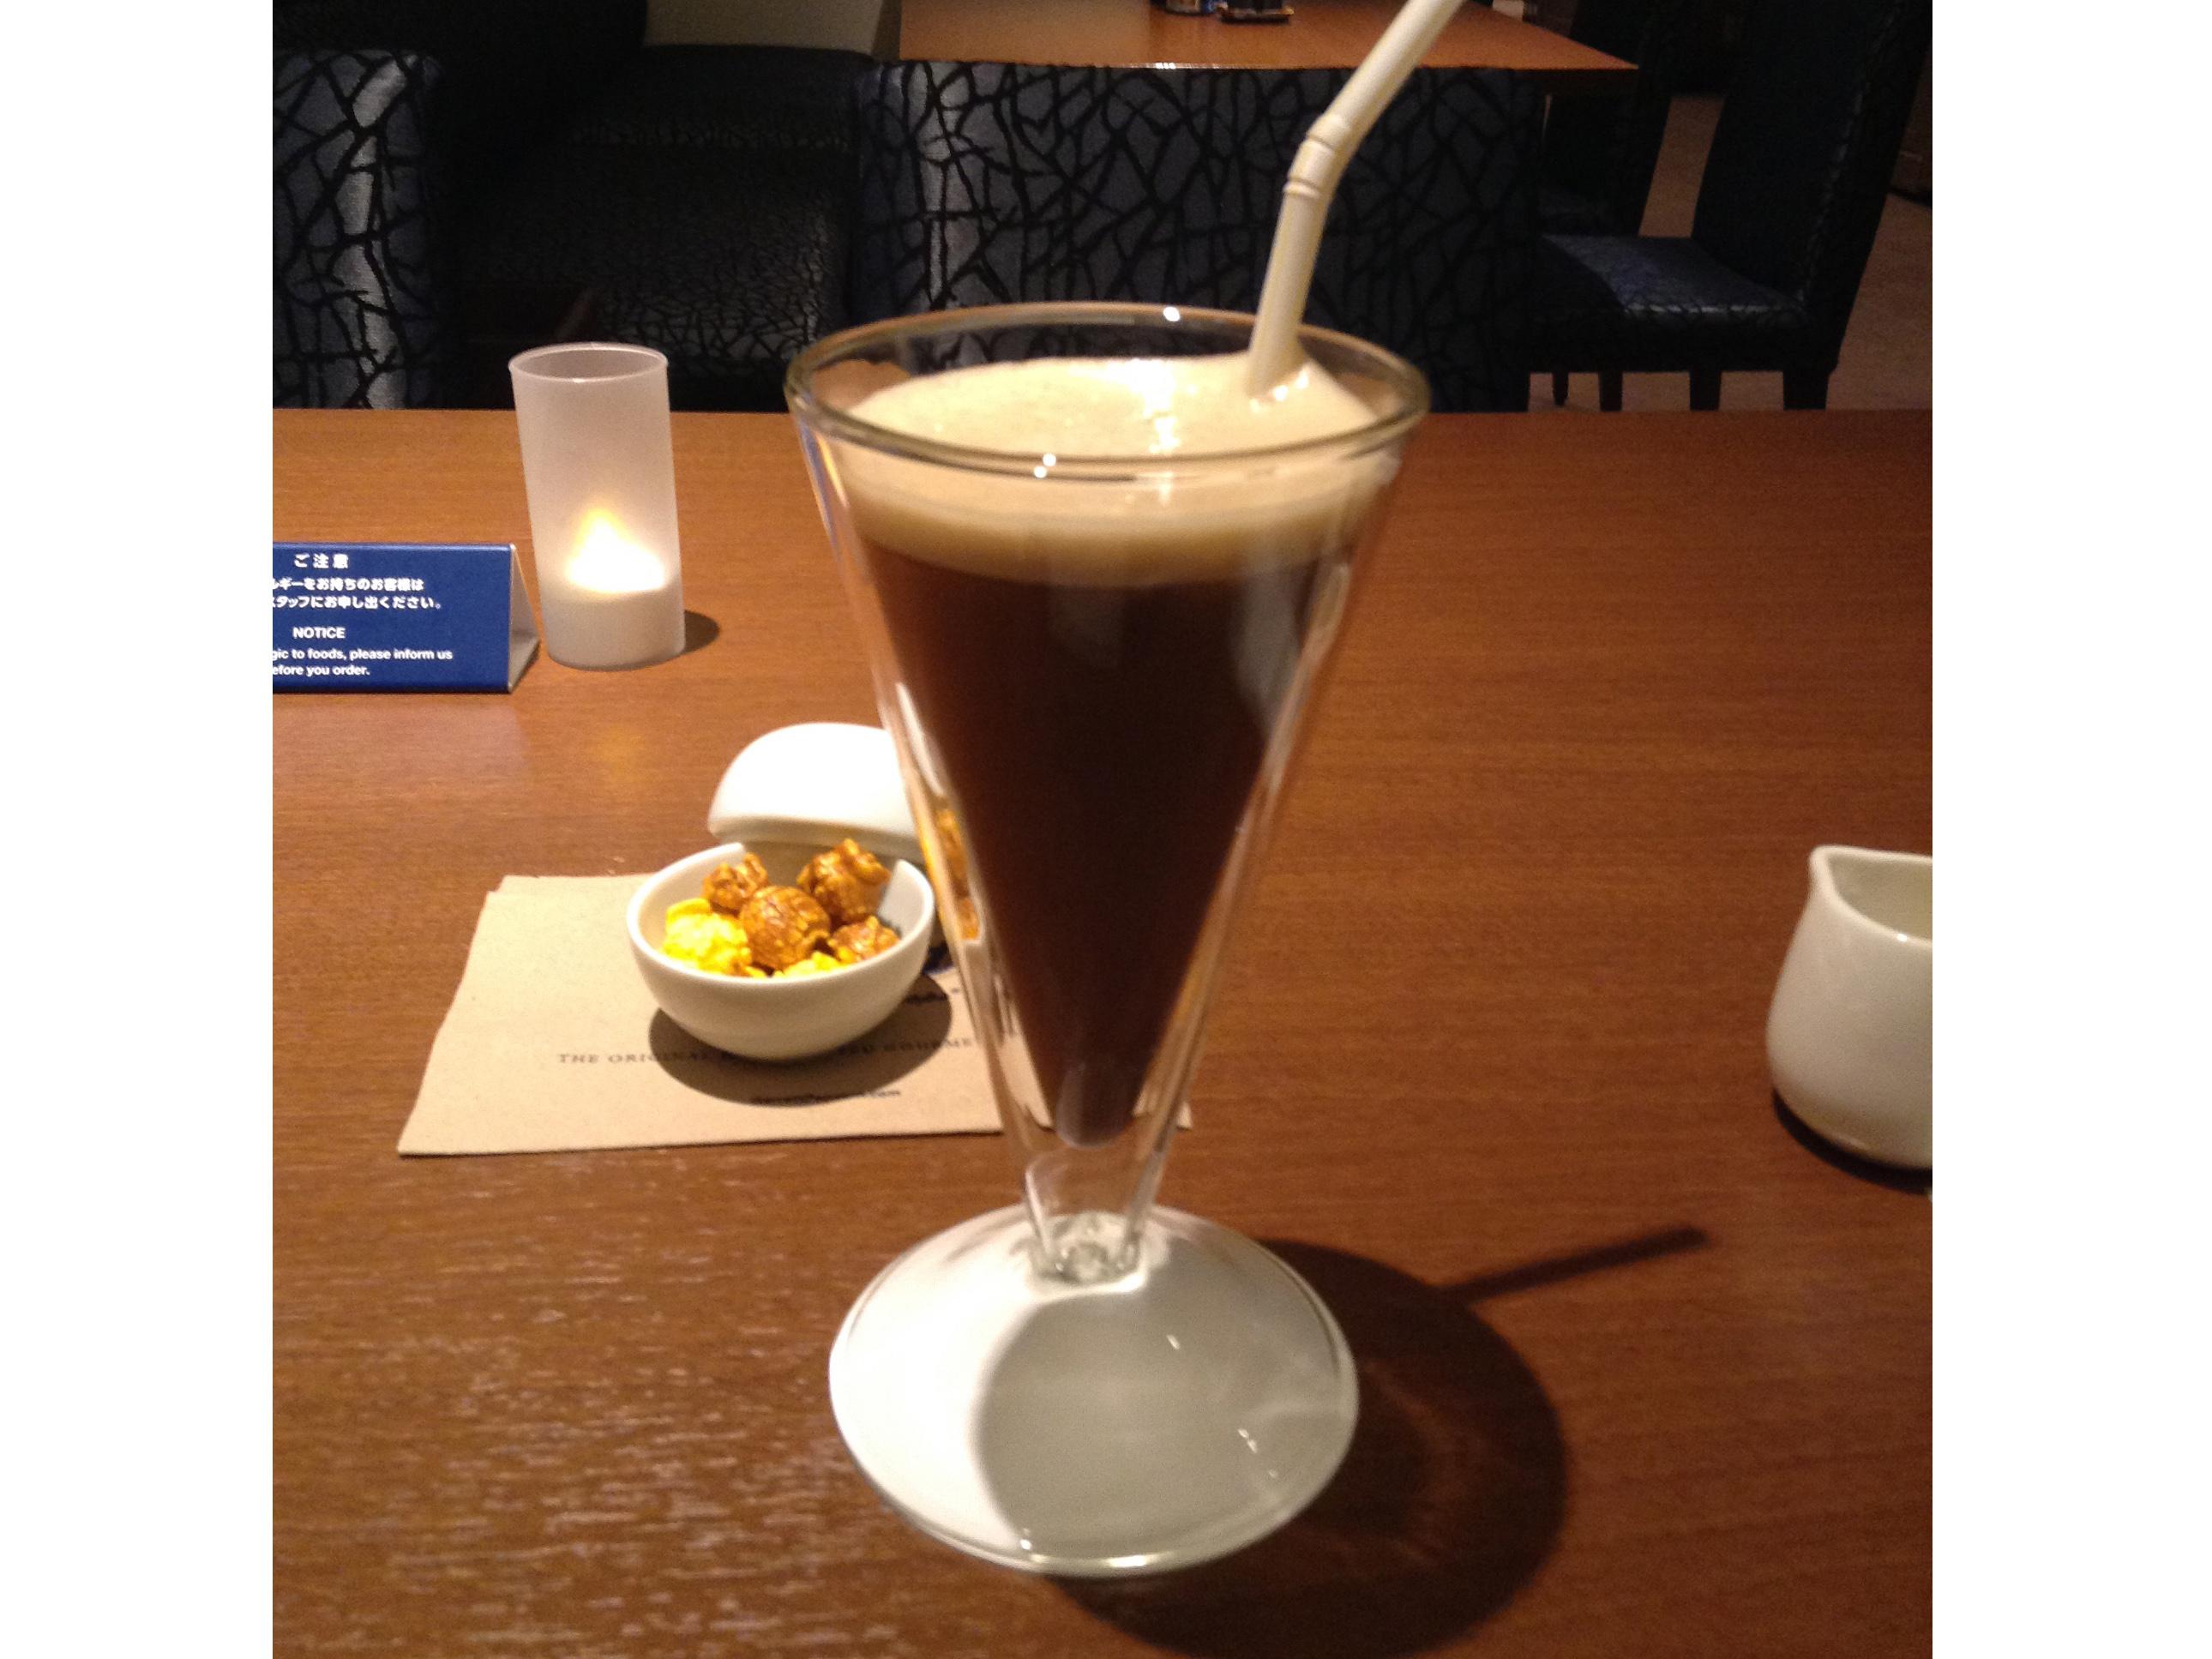 赤坂エクセルホテル東急 レストラン アイスコーヒー rayes レイエスダブルウォール  グラス